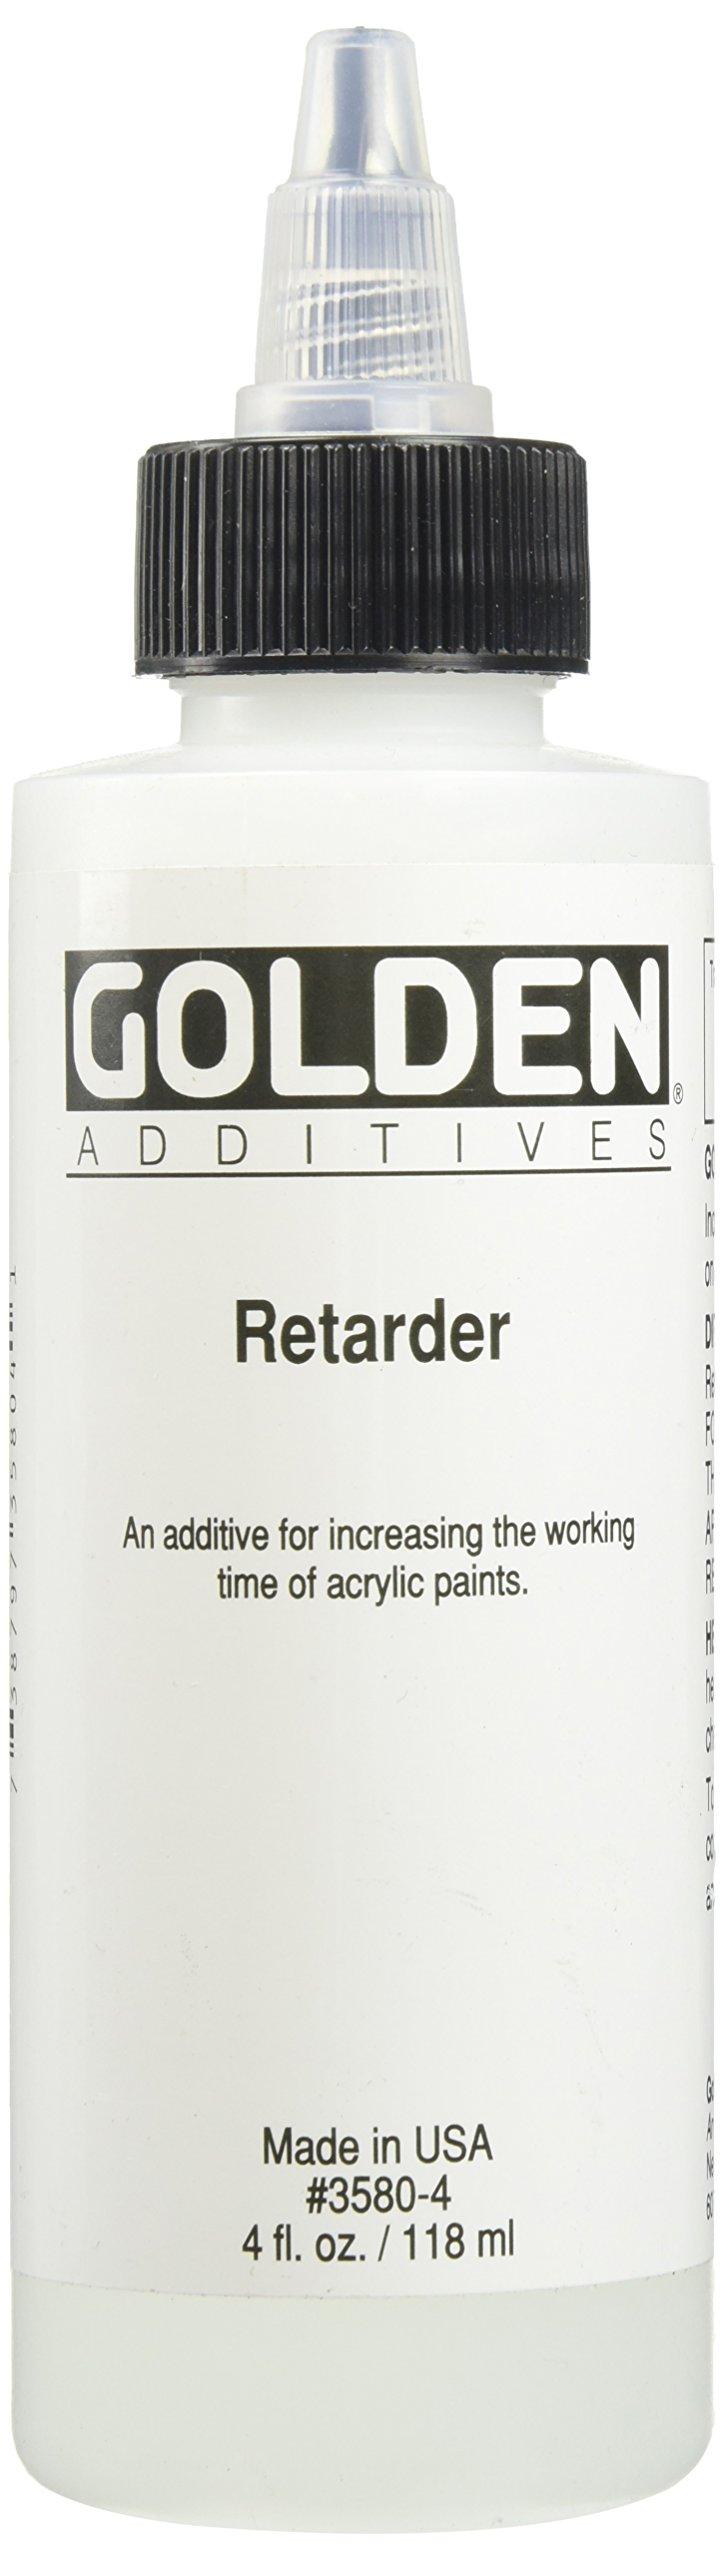 Acrylic Medium Golden Retarder 4 oz jar